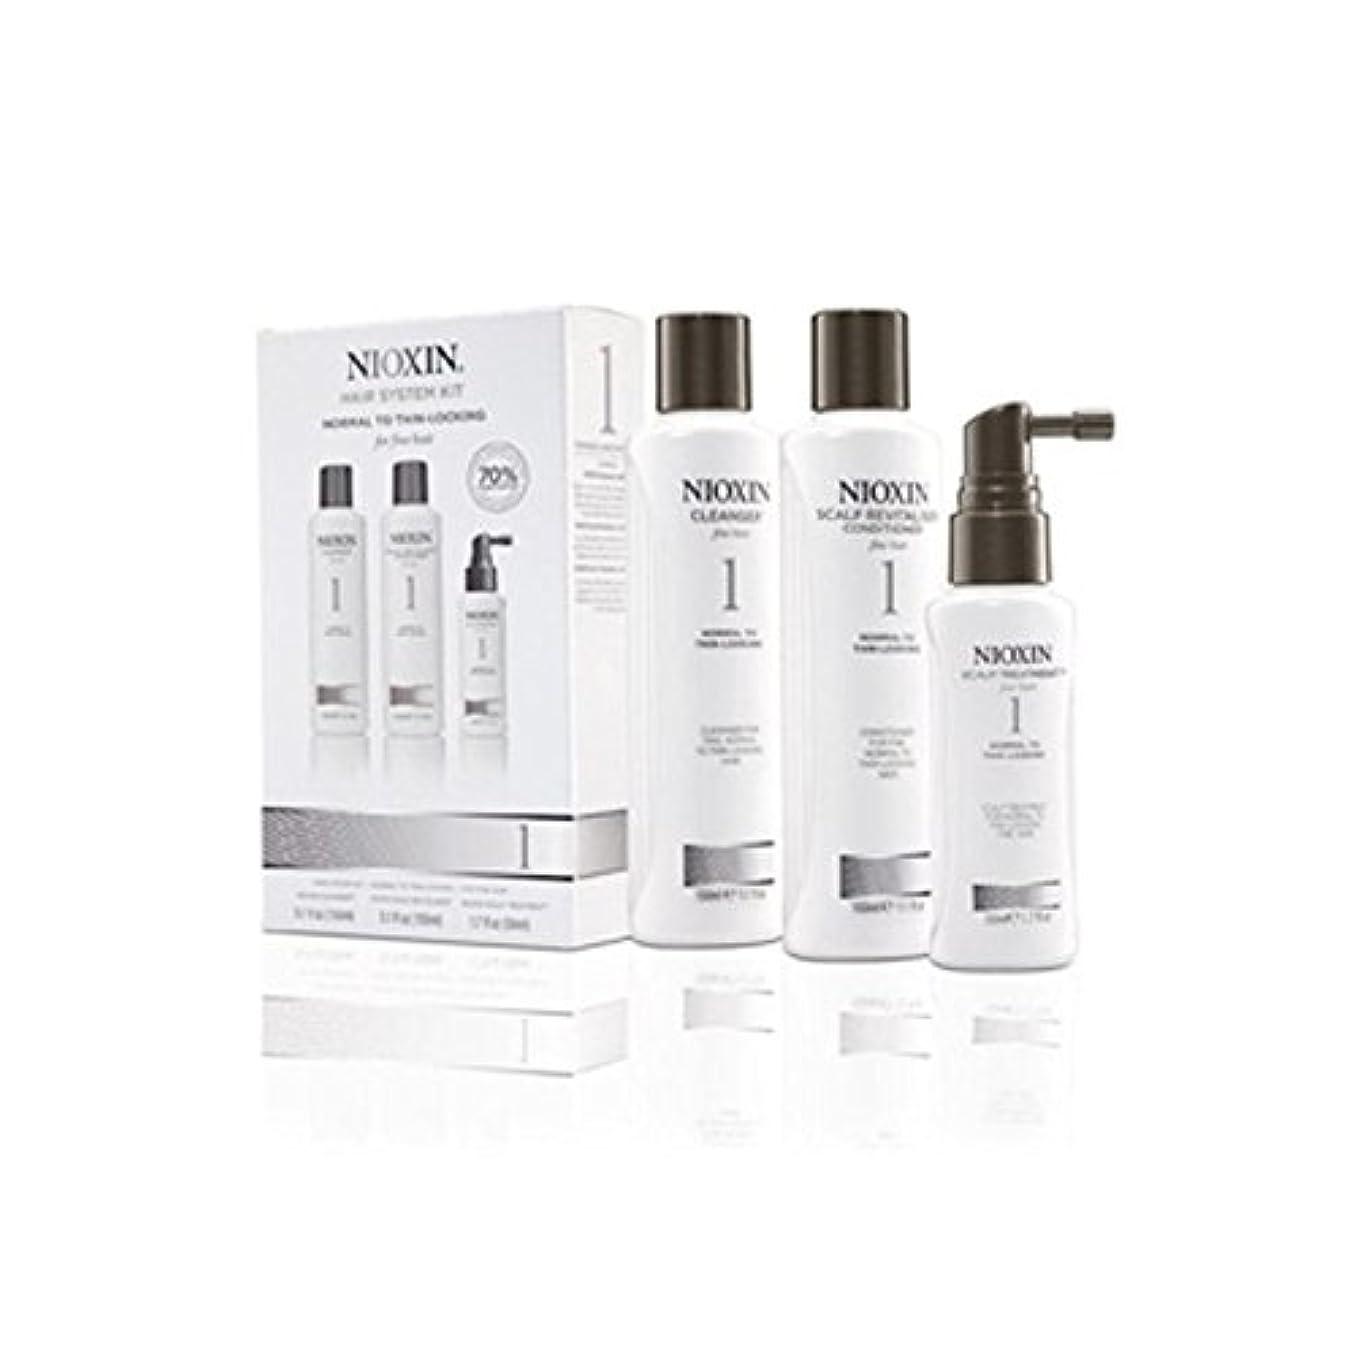 コース療法マサッチョNioxin Hair System Kit 1 For Normal To Fine Natural Hair (3 Products) - 細かい自然な髪への通常のためニオキシンヘアシステムキット1(3製品) [並行輸入品]